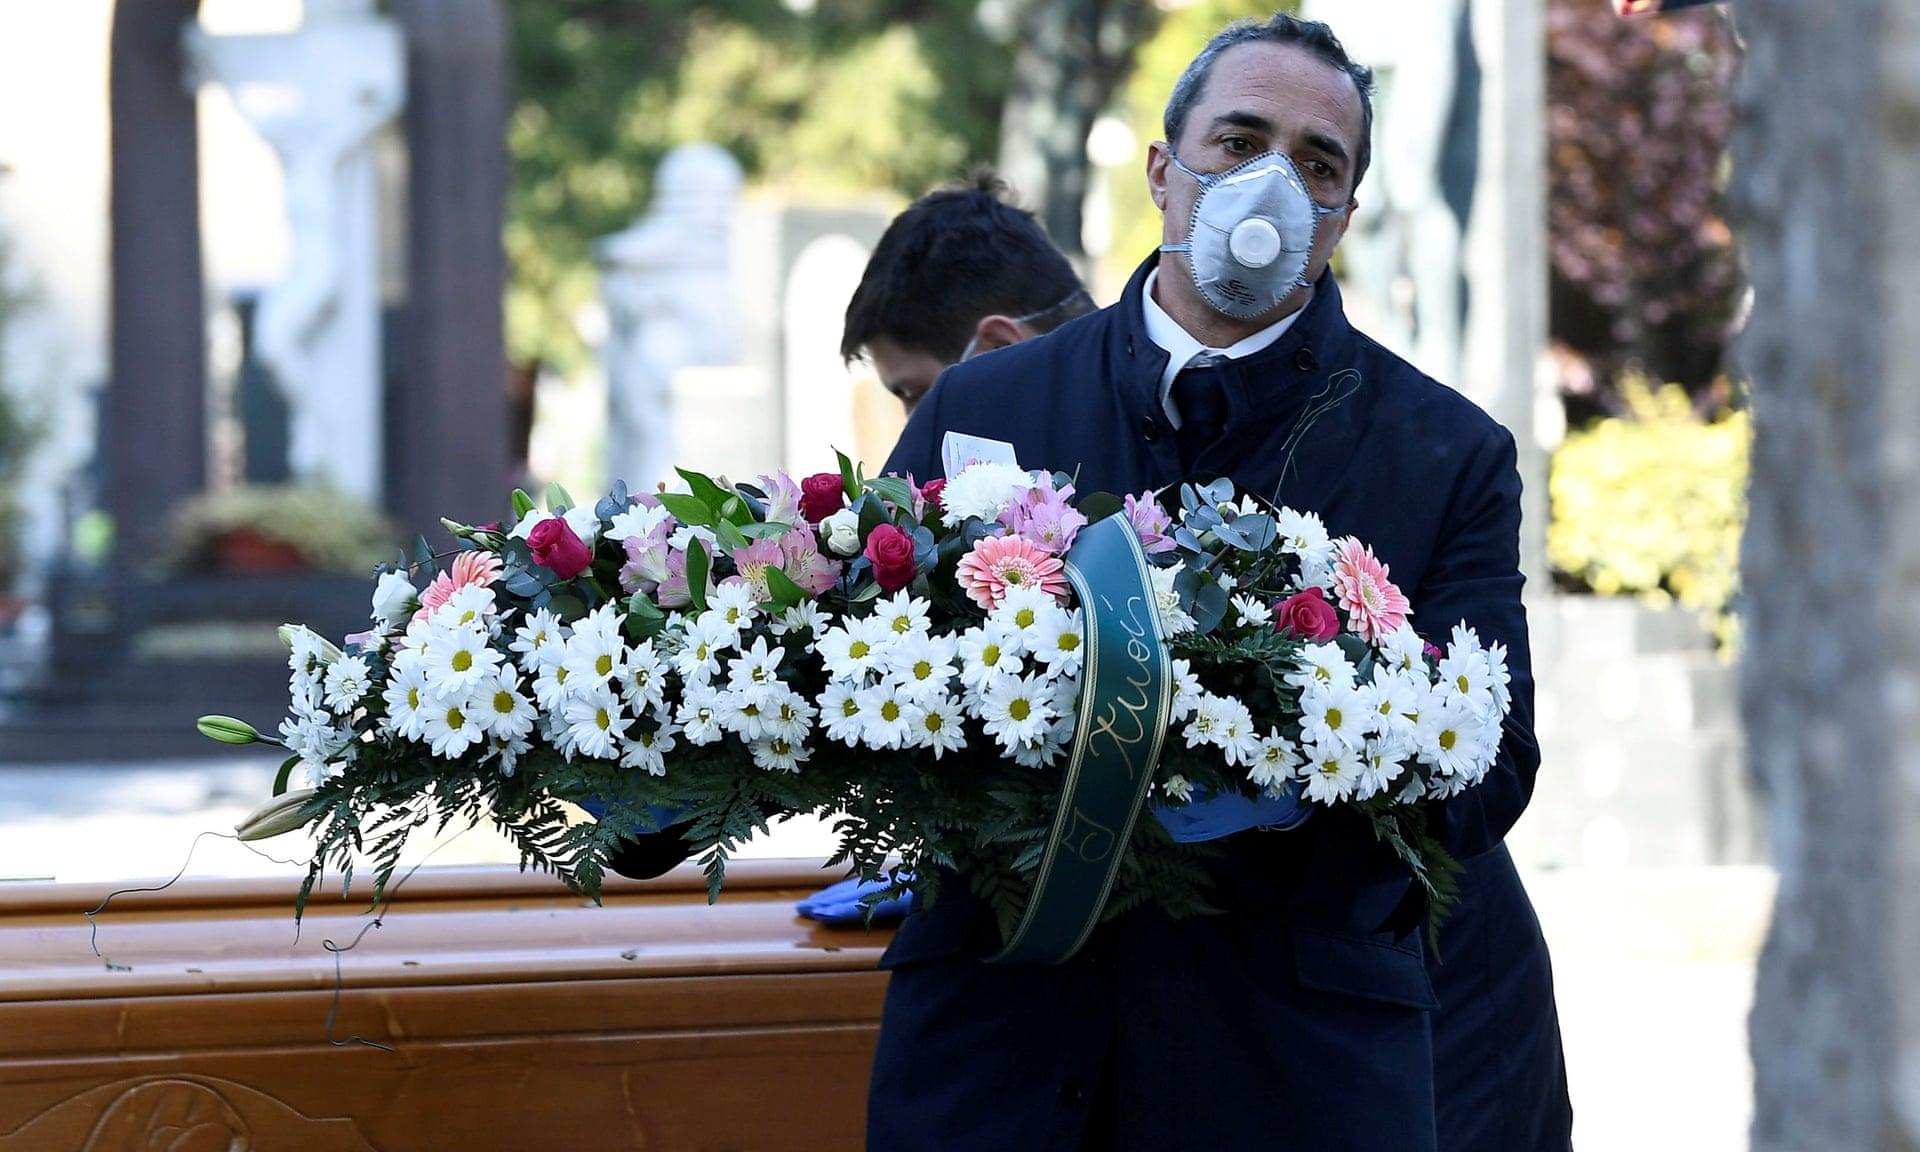 Vazhdon tragjedia në Itali, 837 persona humbin jetën brenda 24 orëve të fundit